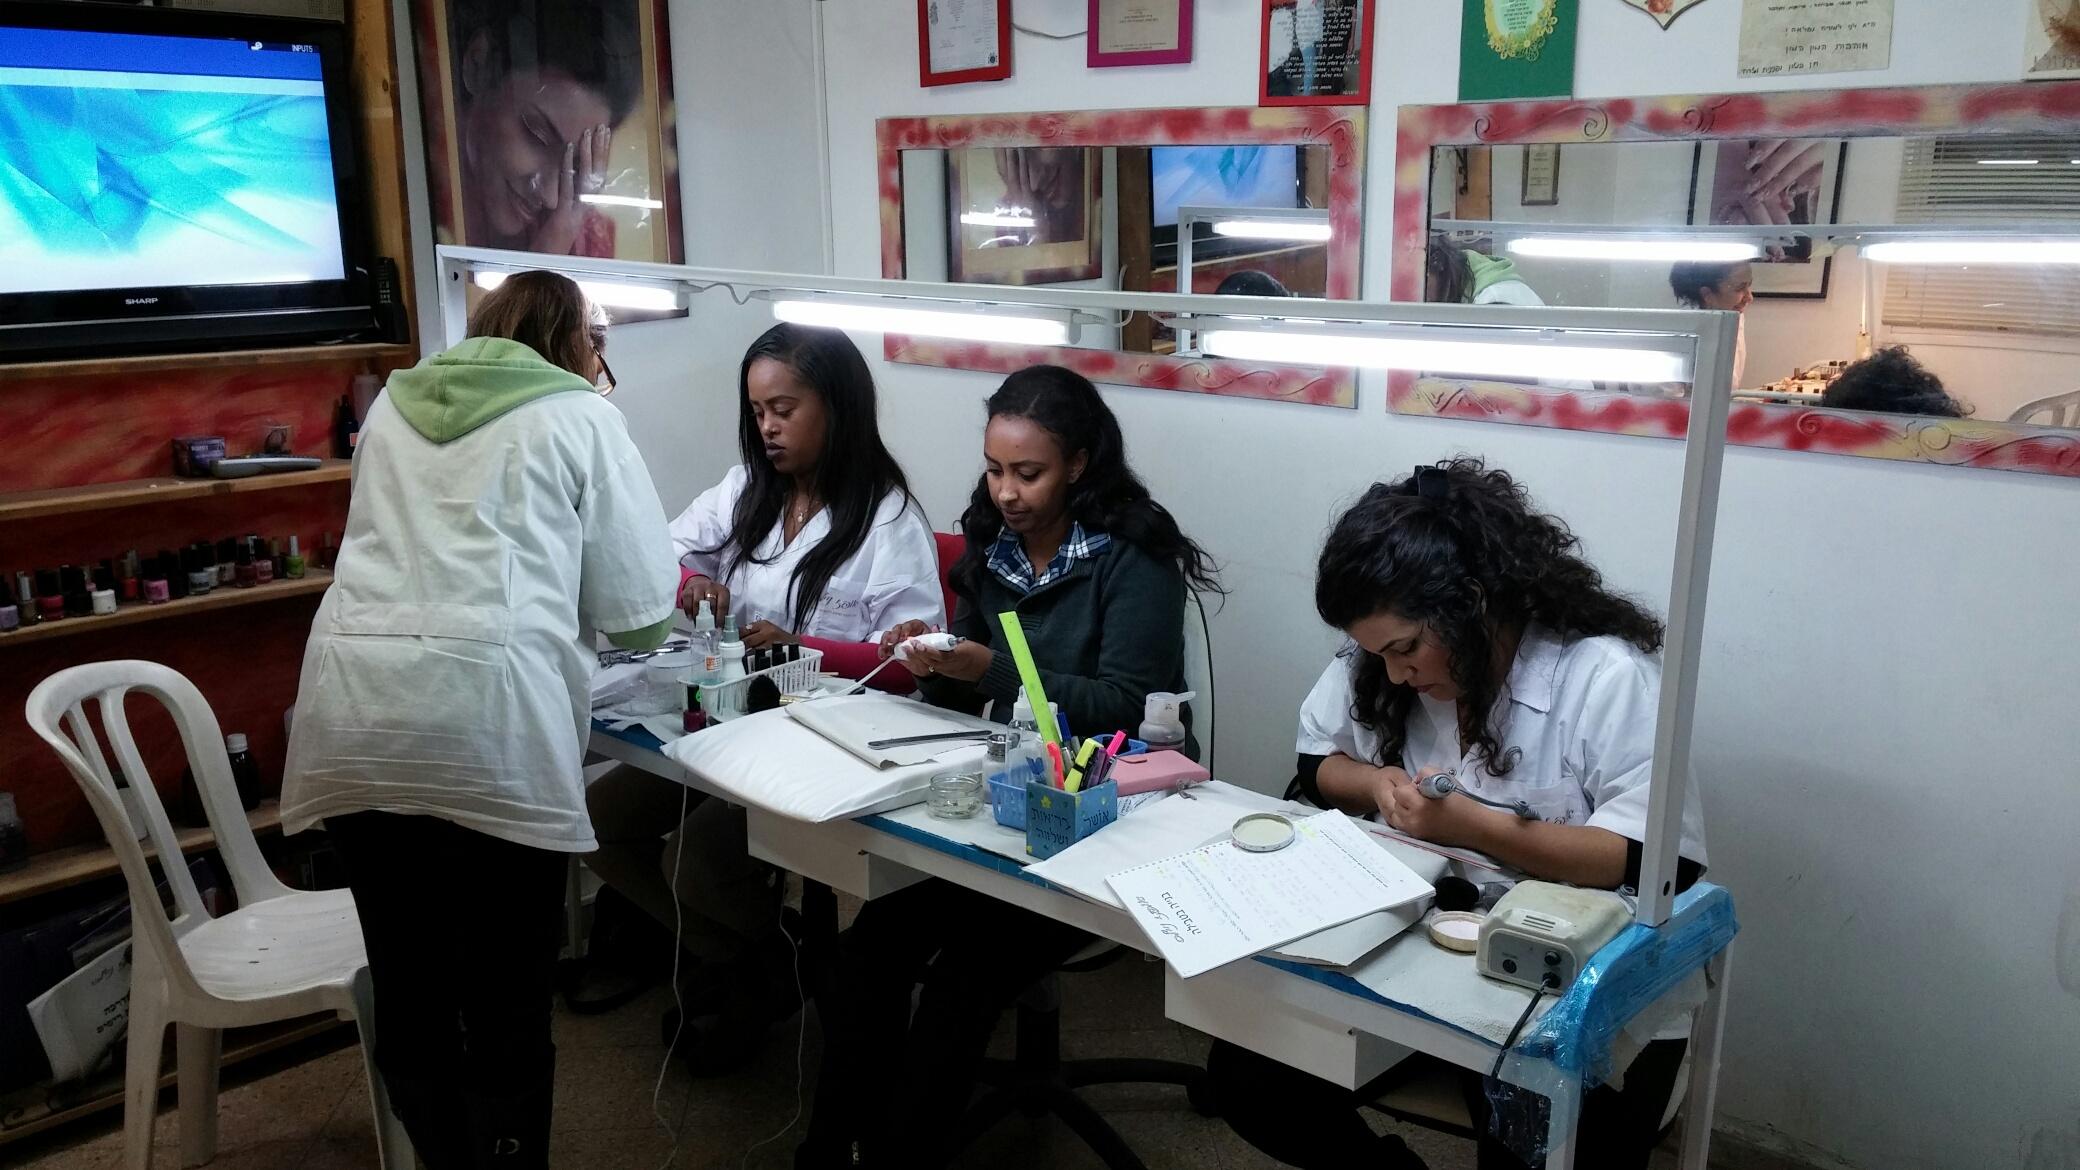 תלמידות בקורס בניית ציפורניים